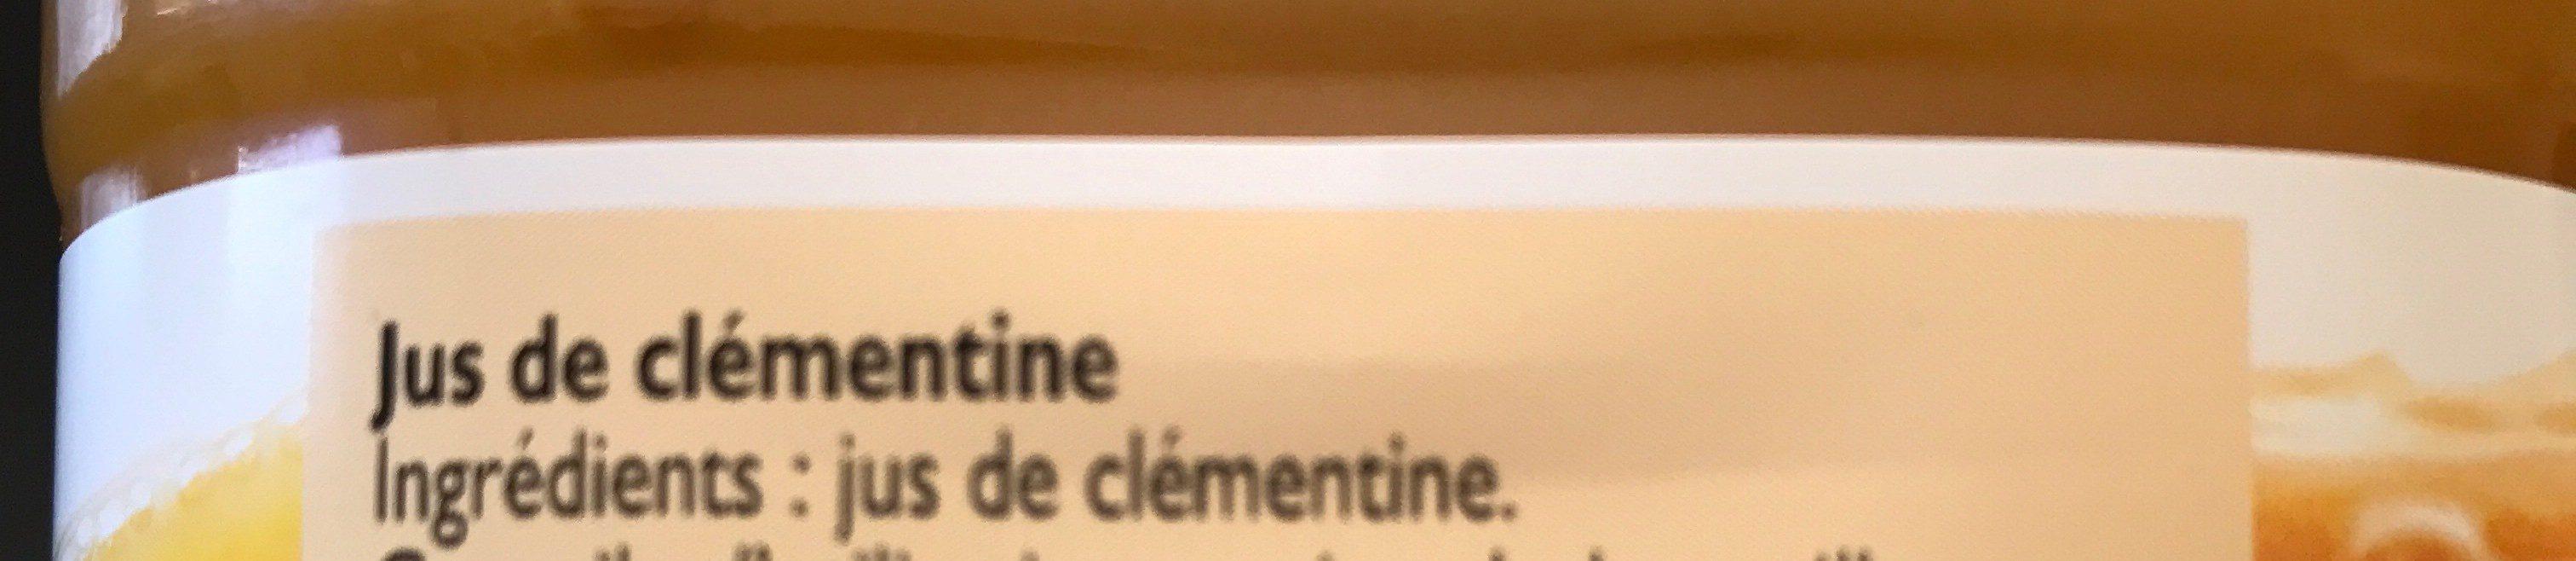 Pur jus Clémentine - Ingredienti - fr